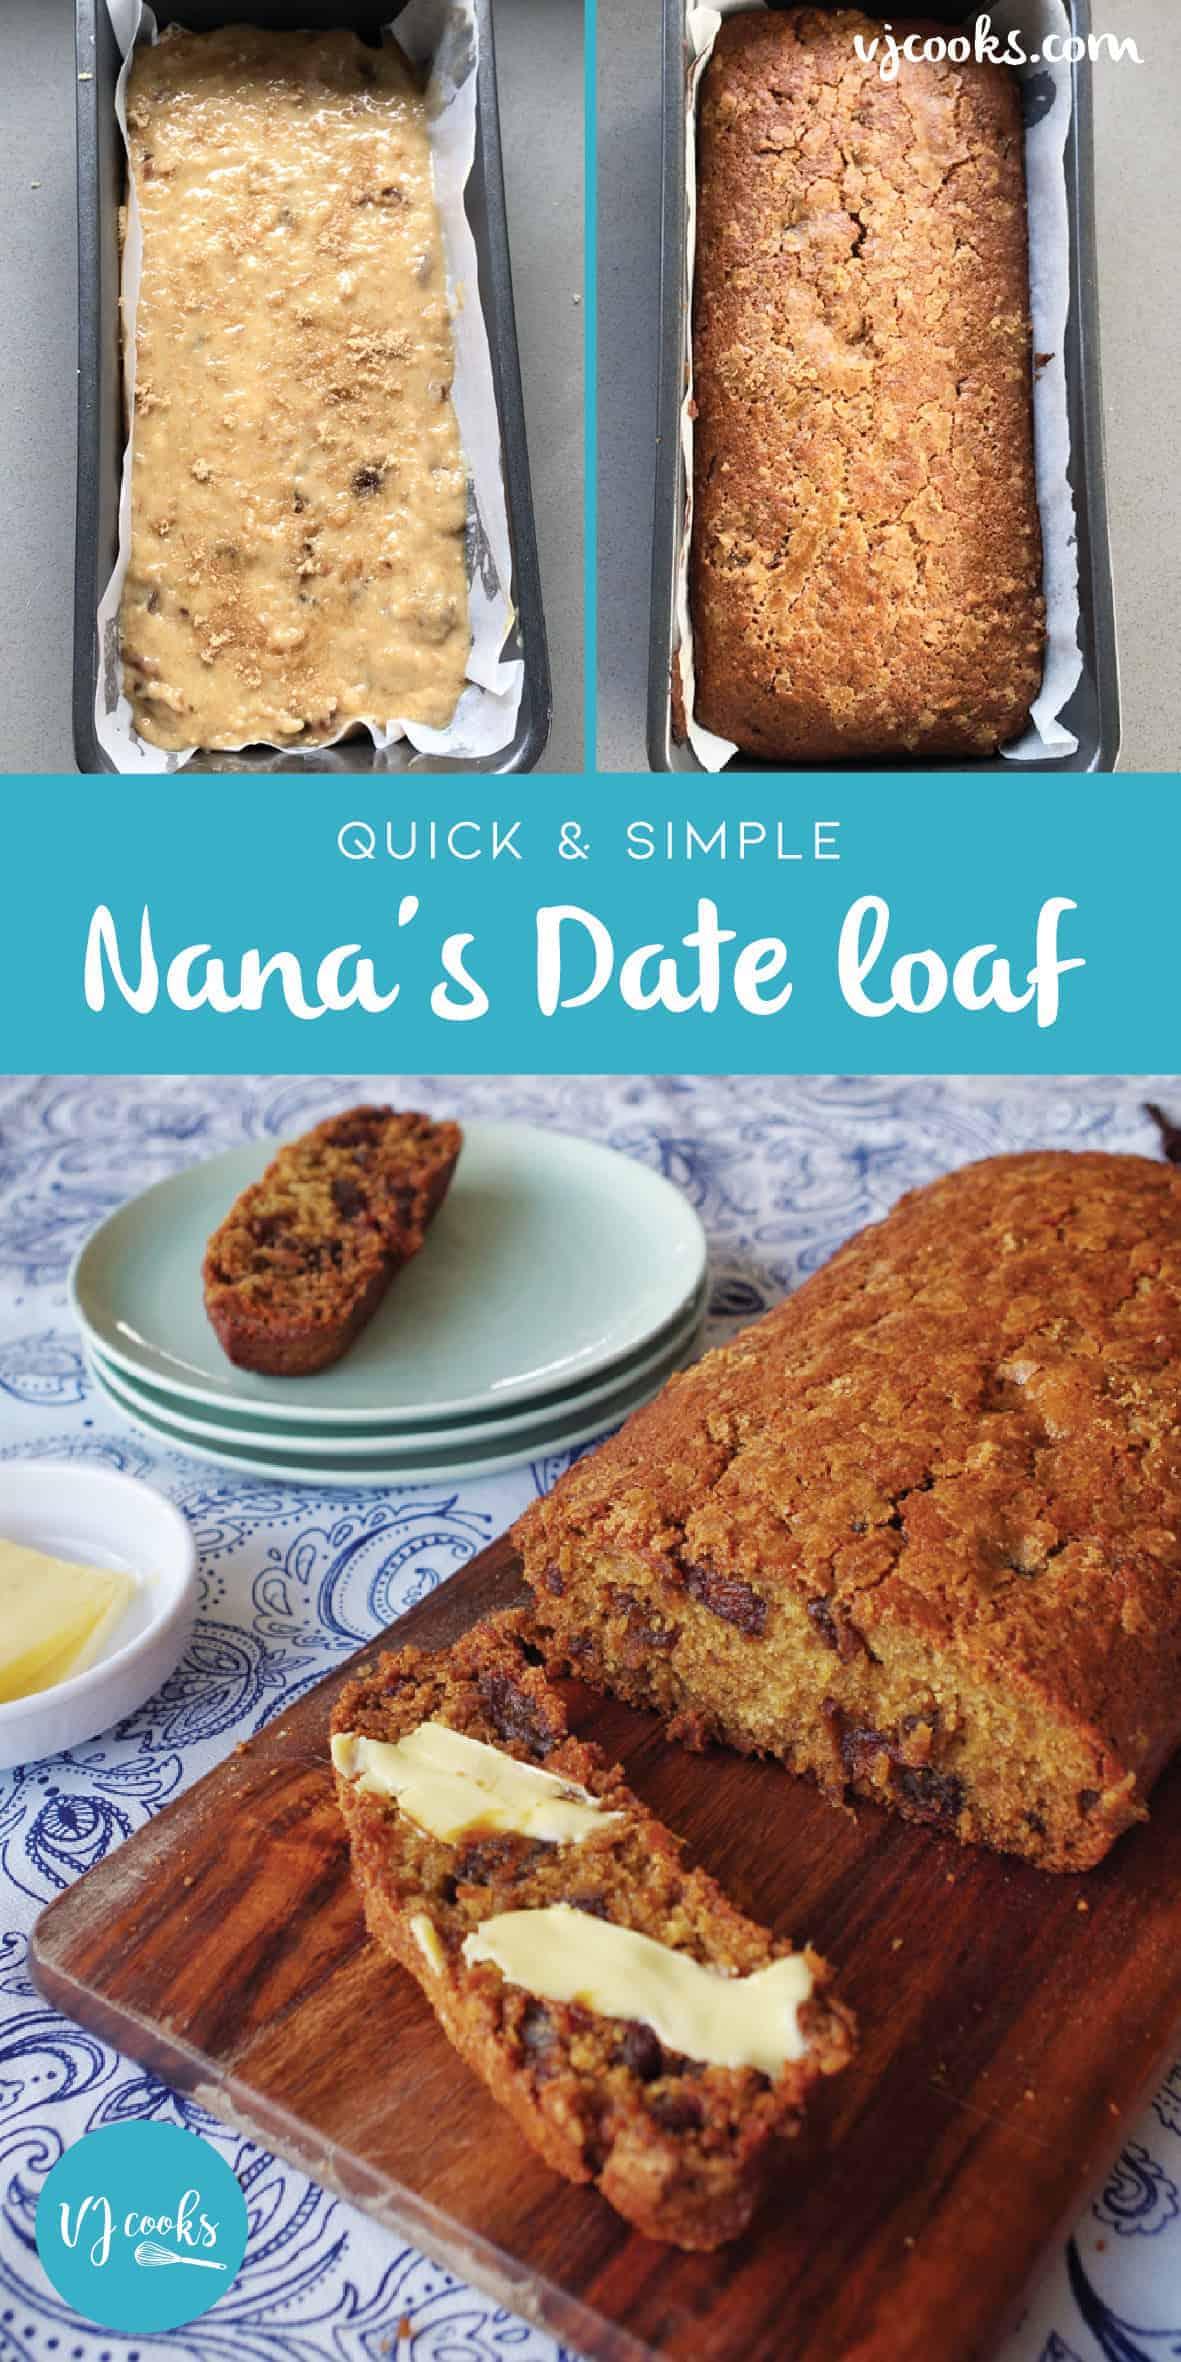 Nana's Date Loaf